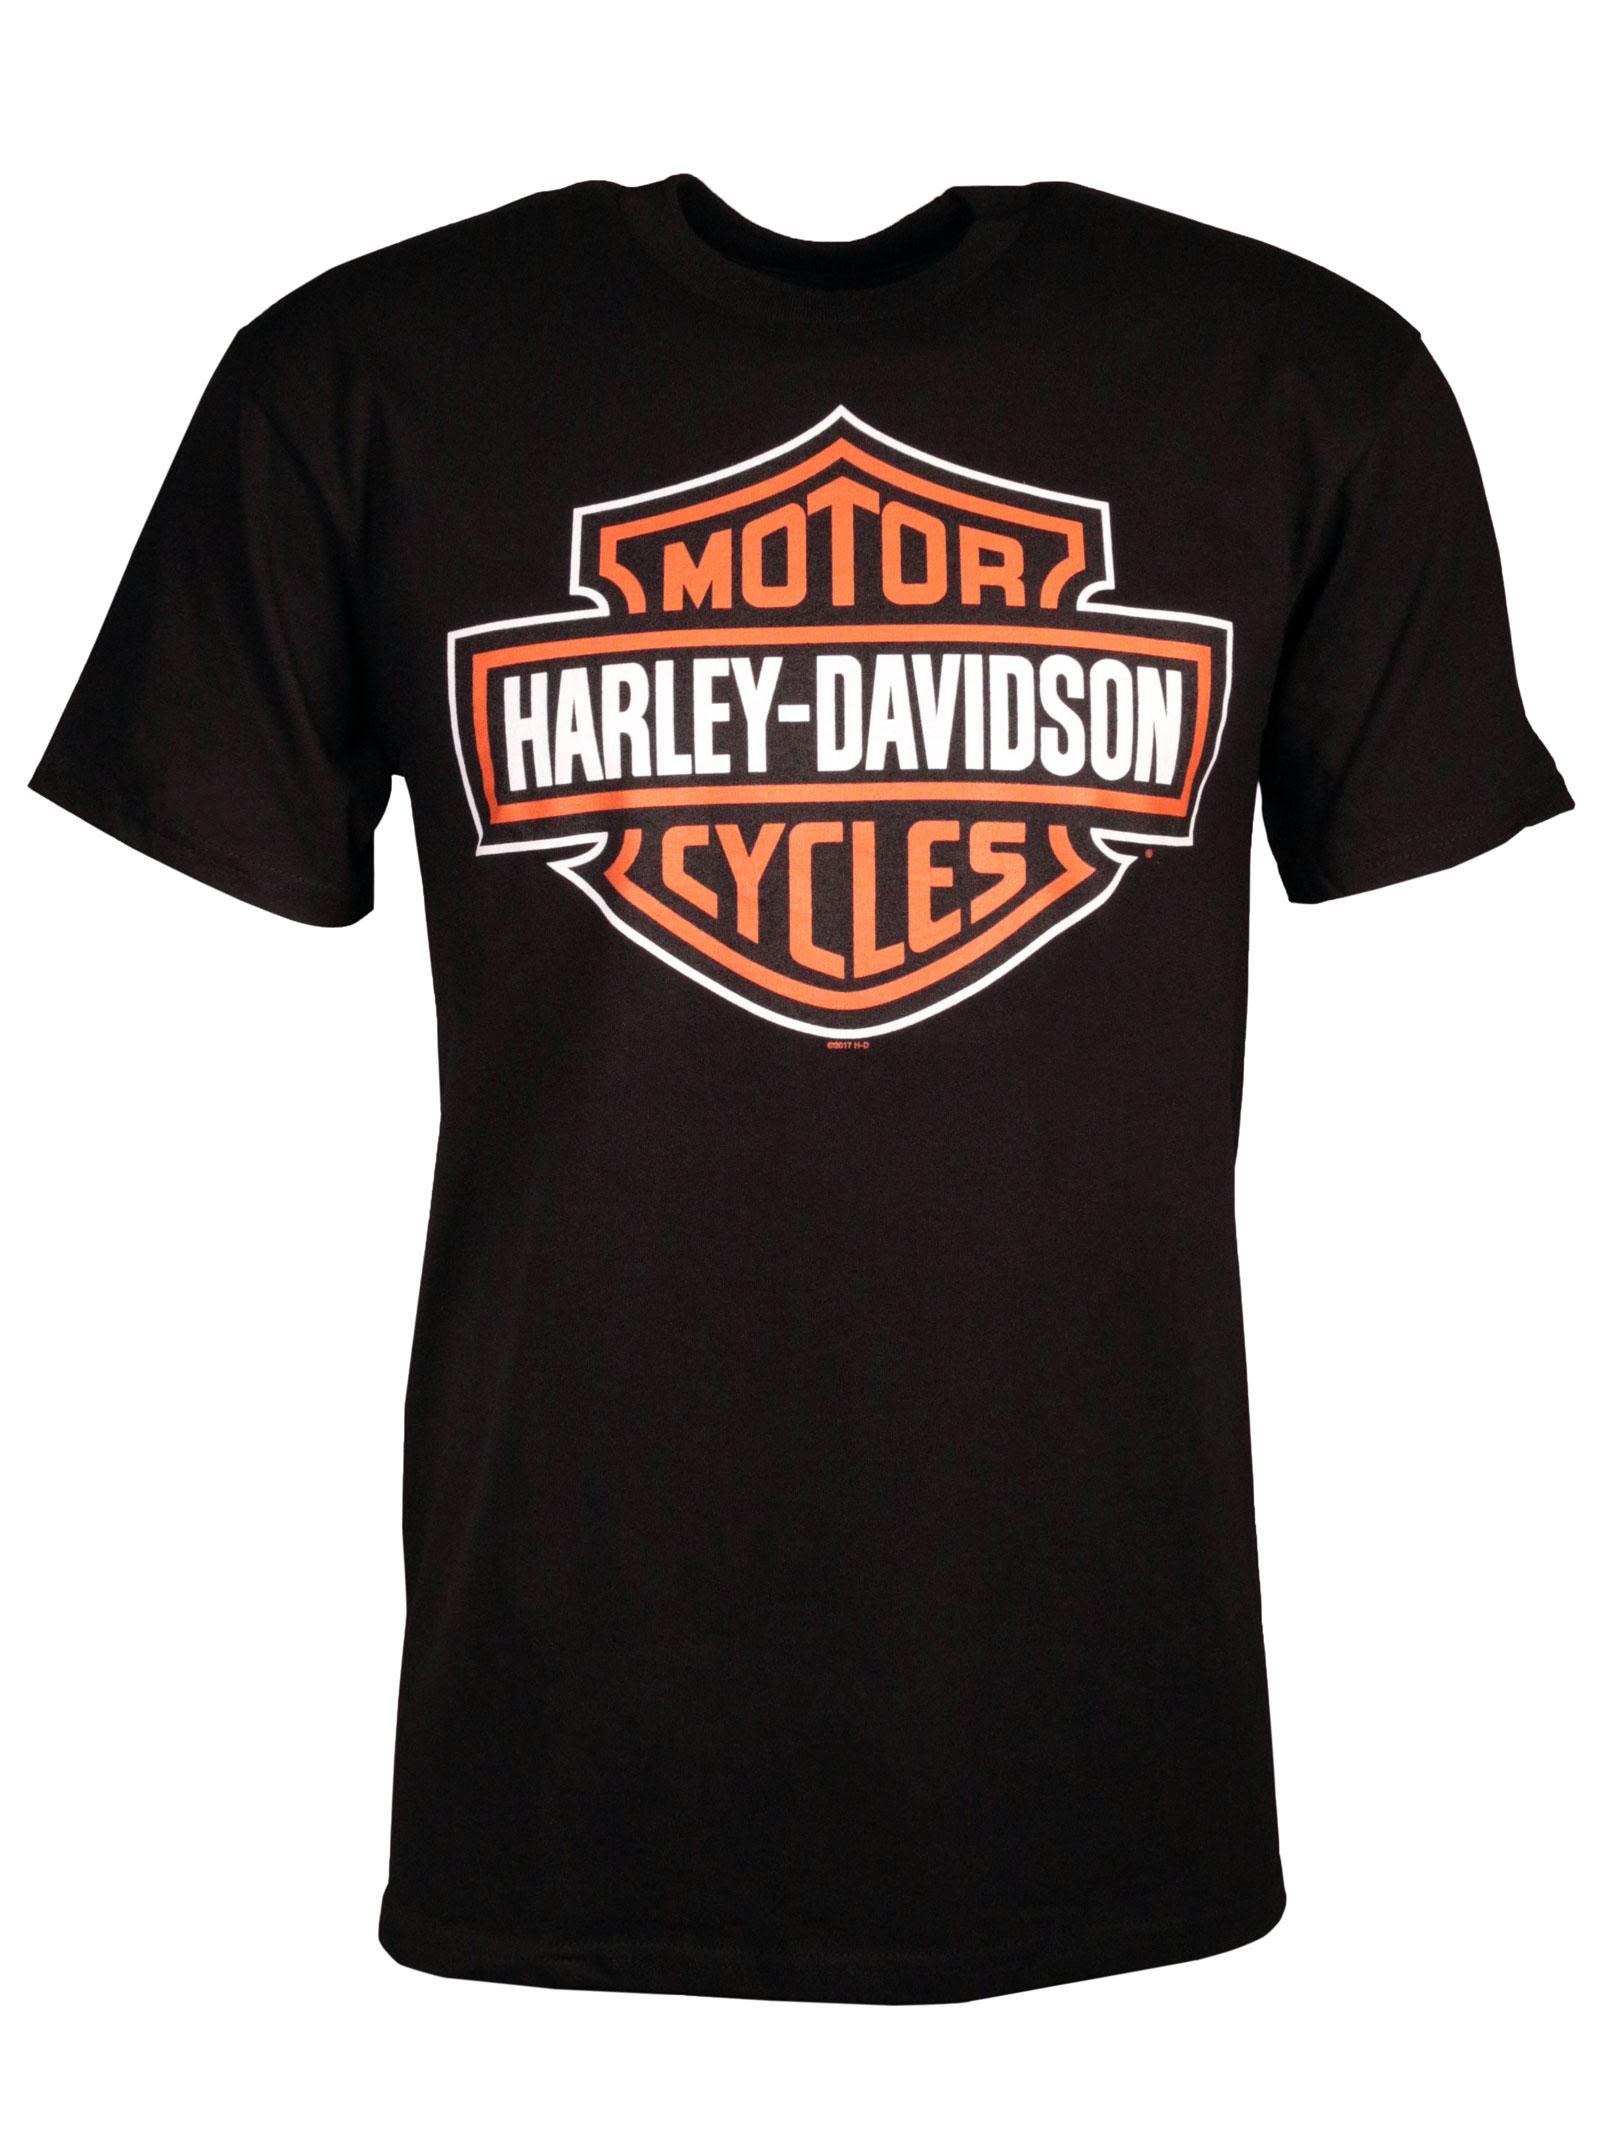 harley davidson t shirt significant bar shield im. Black Bedroom Furniture Sets. Home Design Ideas